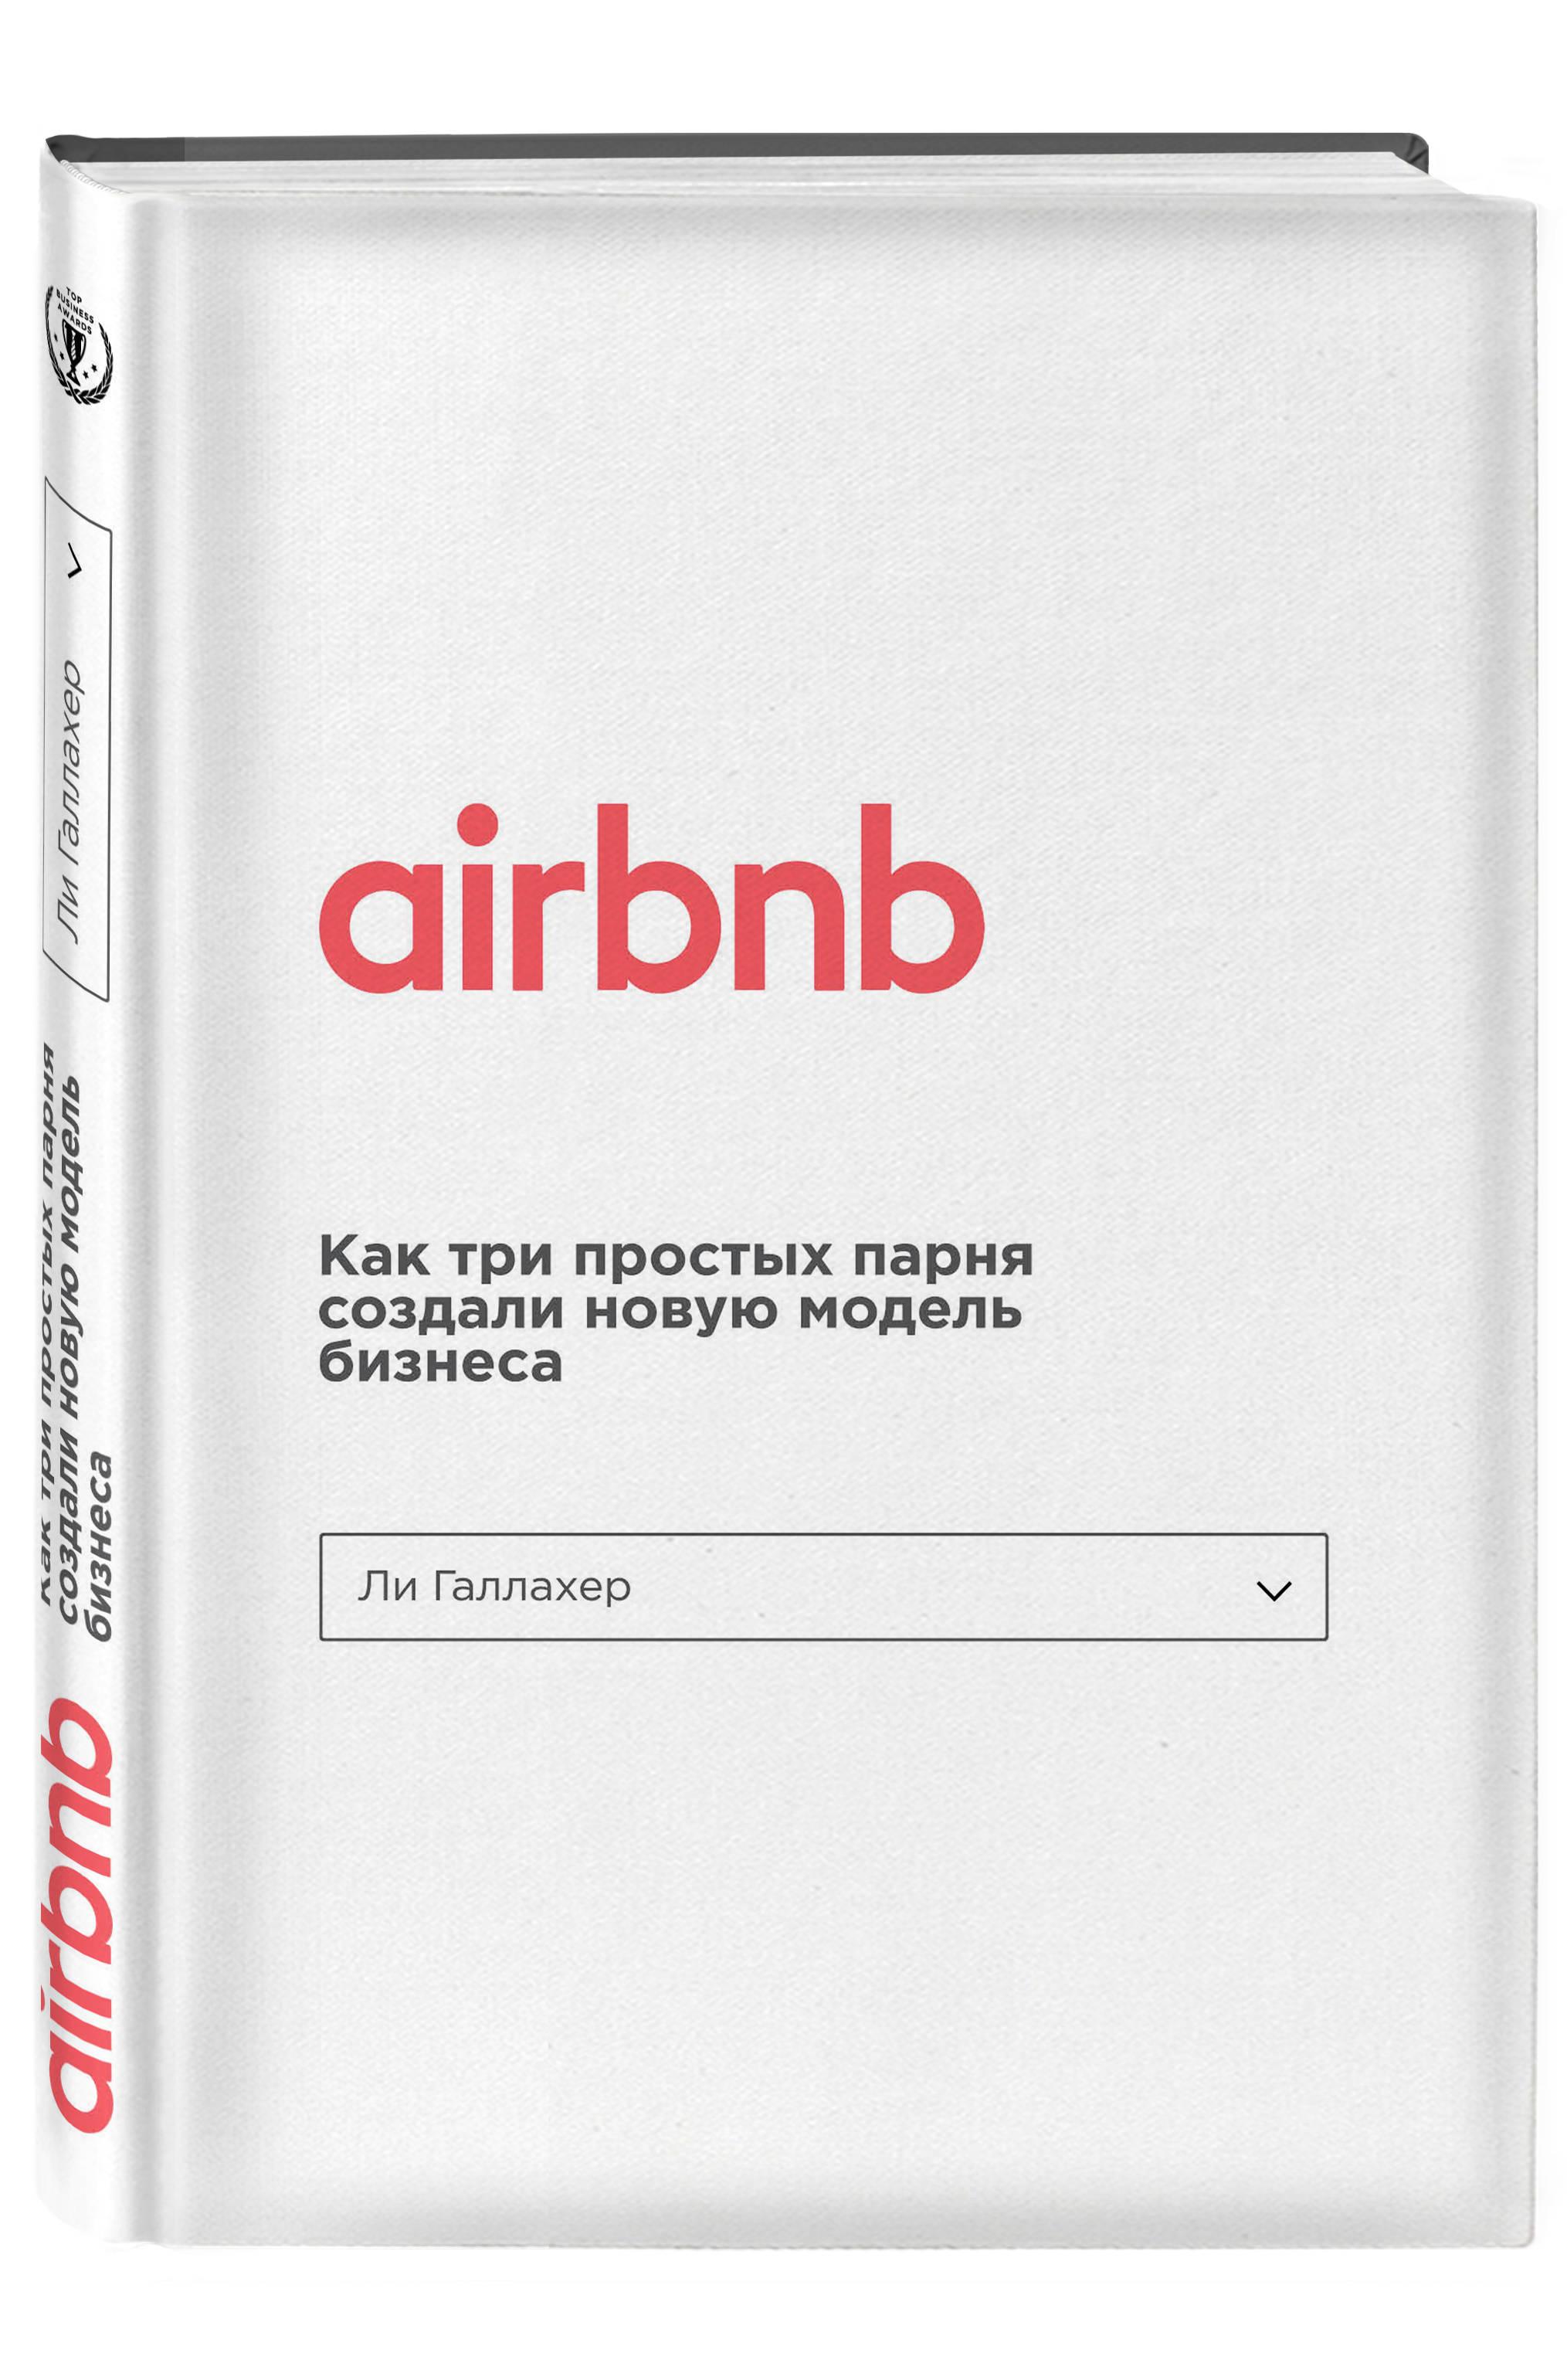 Airbnb. Как три простых парня создали новую модель бизнеса